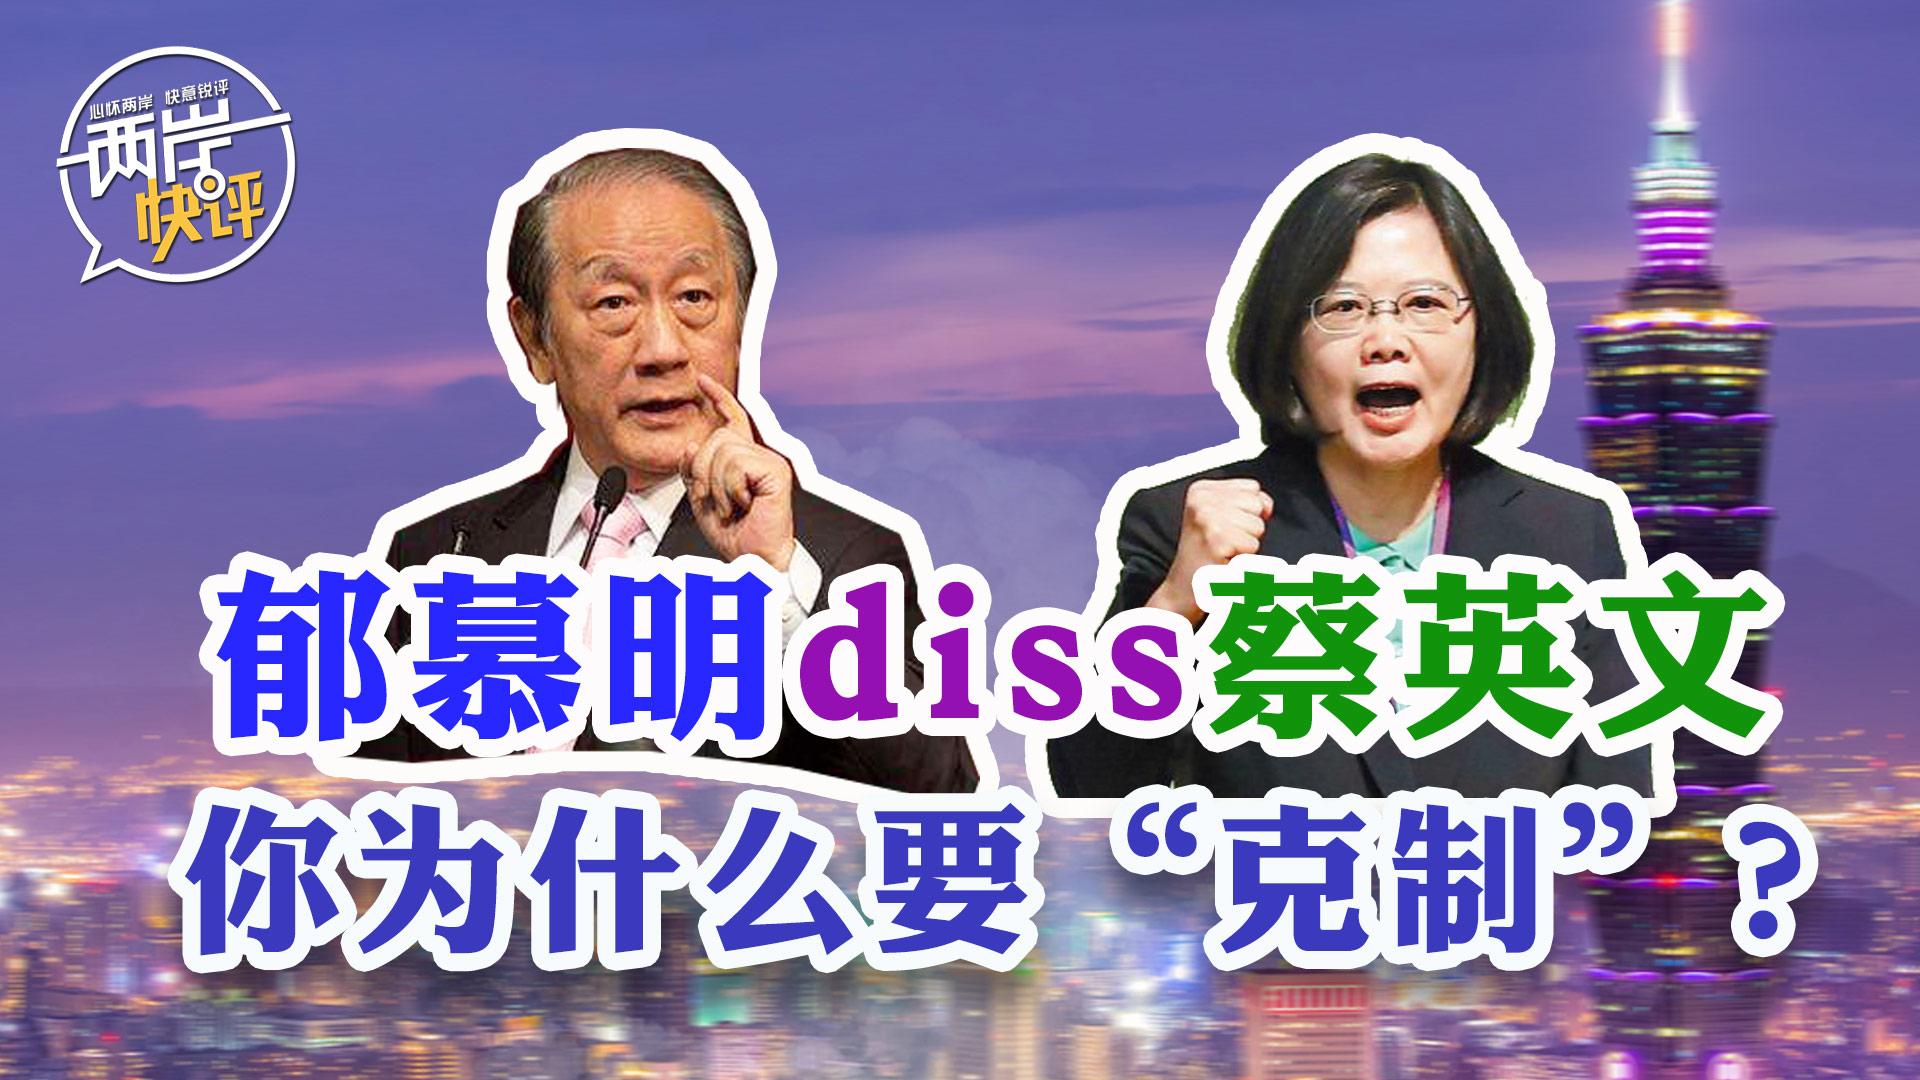 """郁慕明diss蔡英文!你为什么要""""克制""""?"""